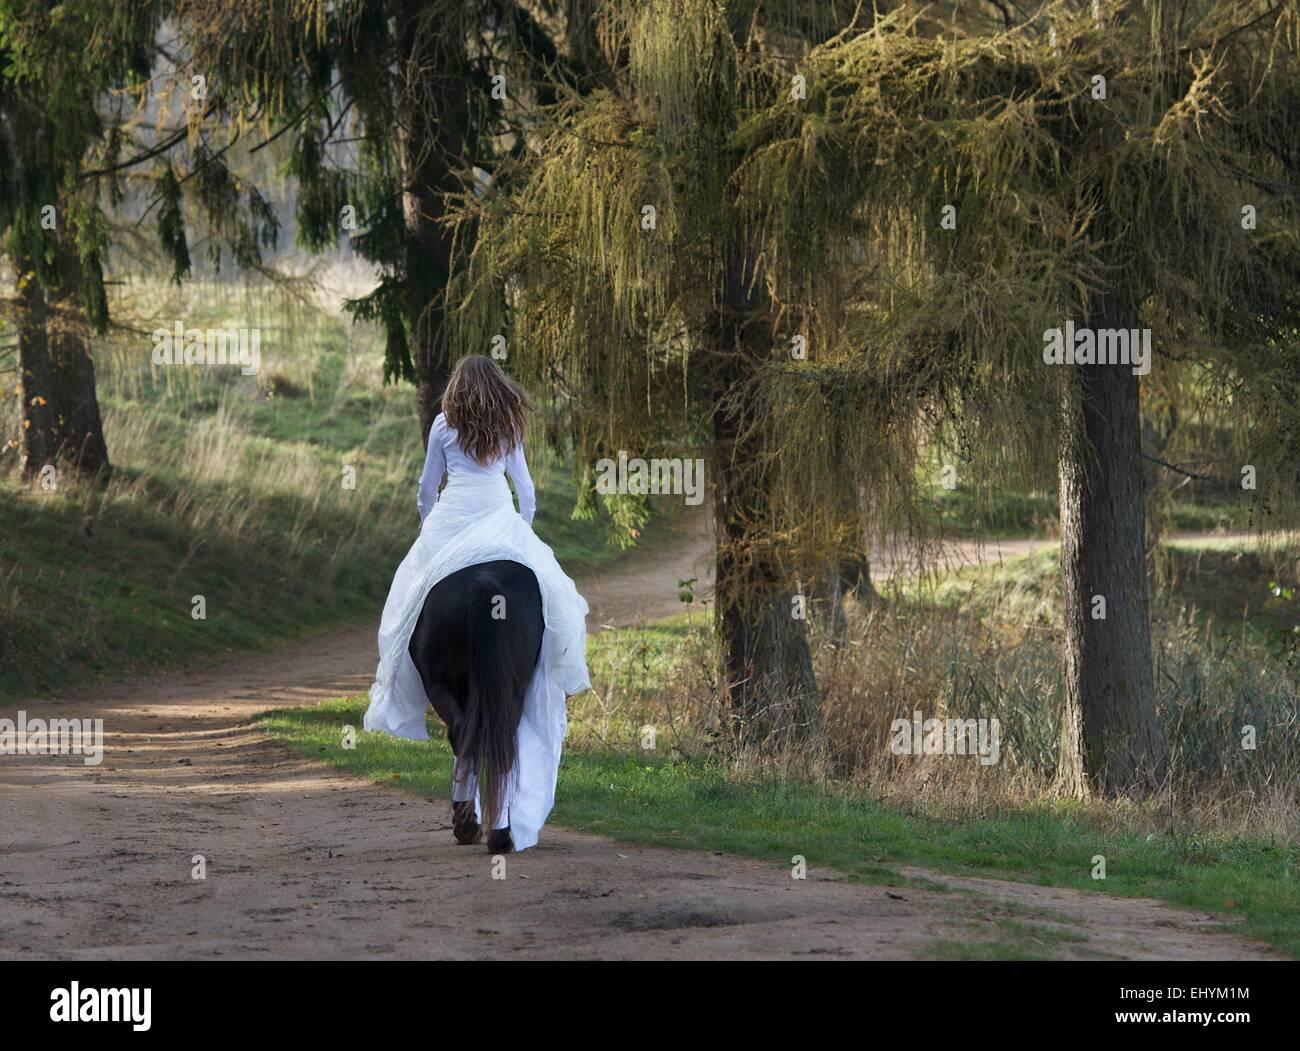 Rückansicht einer reifen Frau auf einem Pferd in einem weißen Kleid Stockbild